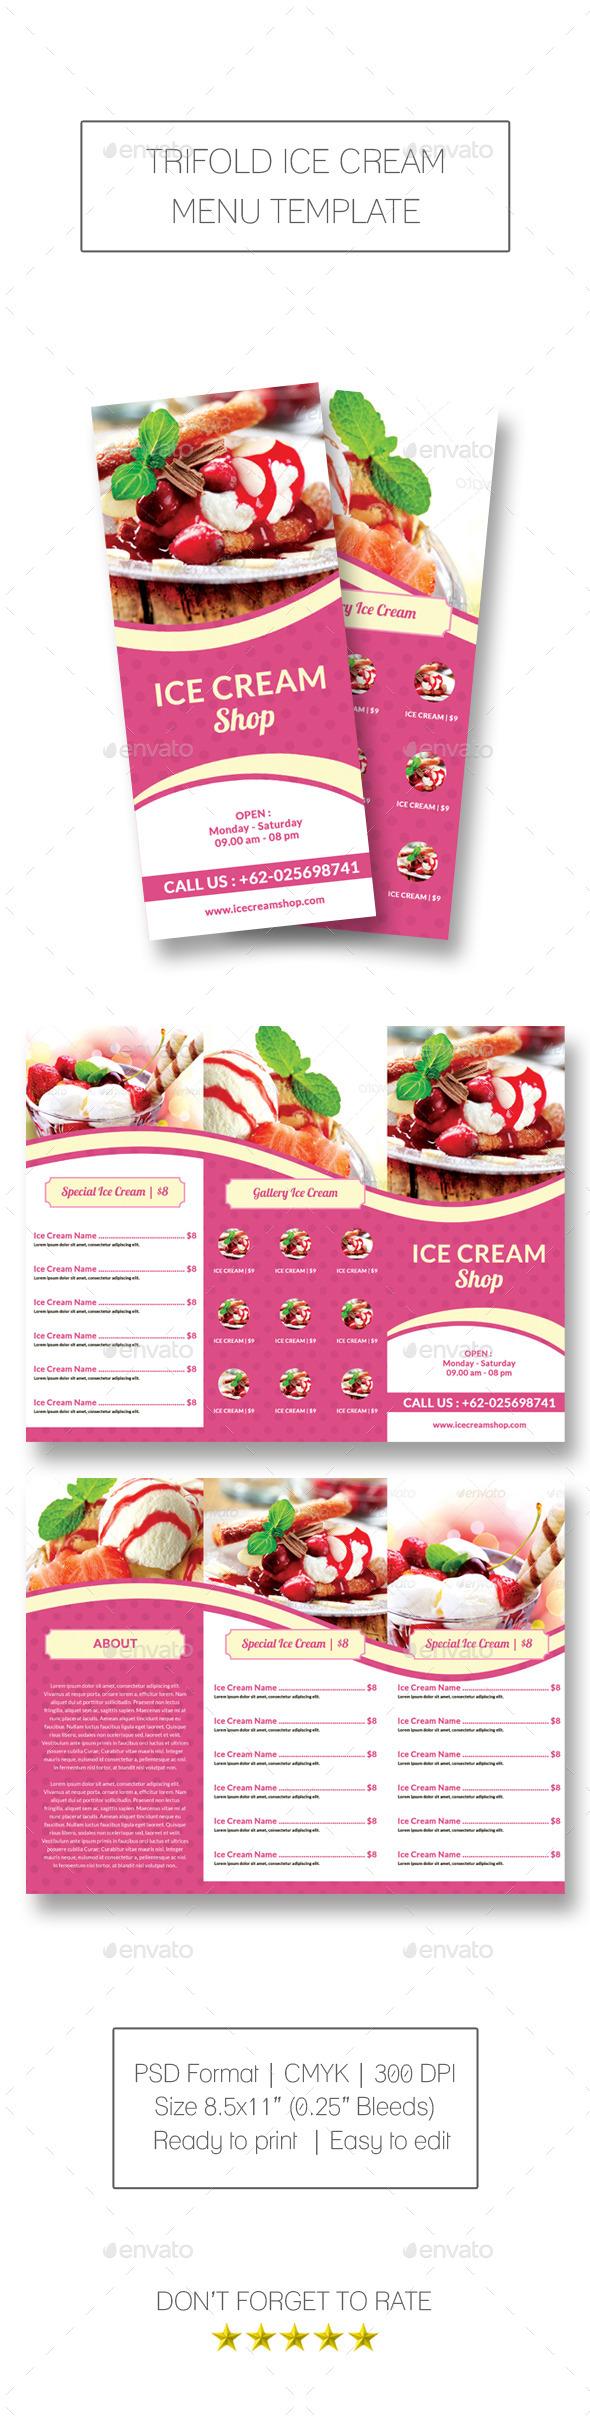 Trifold Ice Cream Menu Template by meisuseno | GraphicRiver